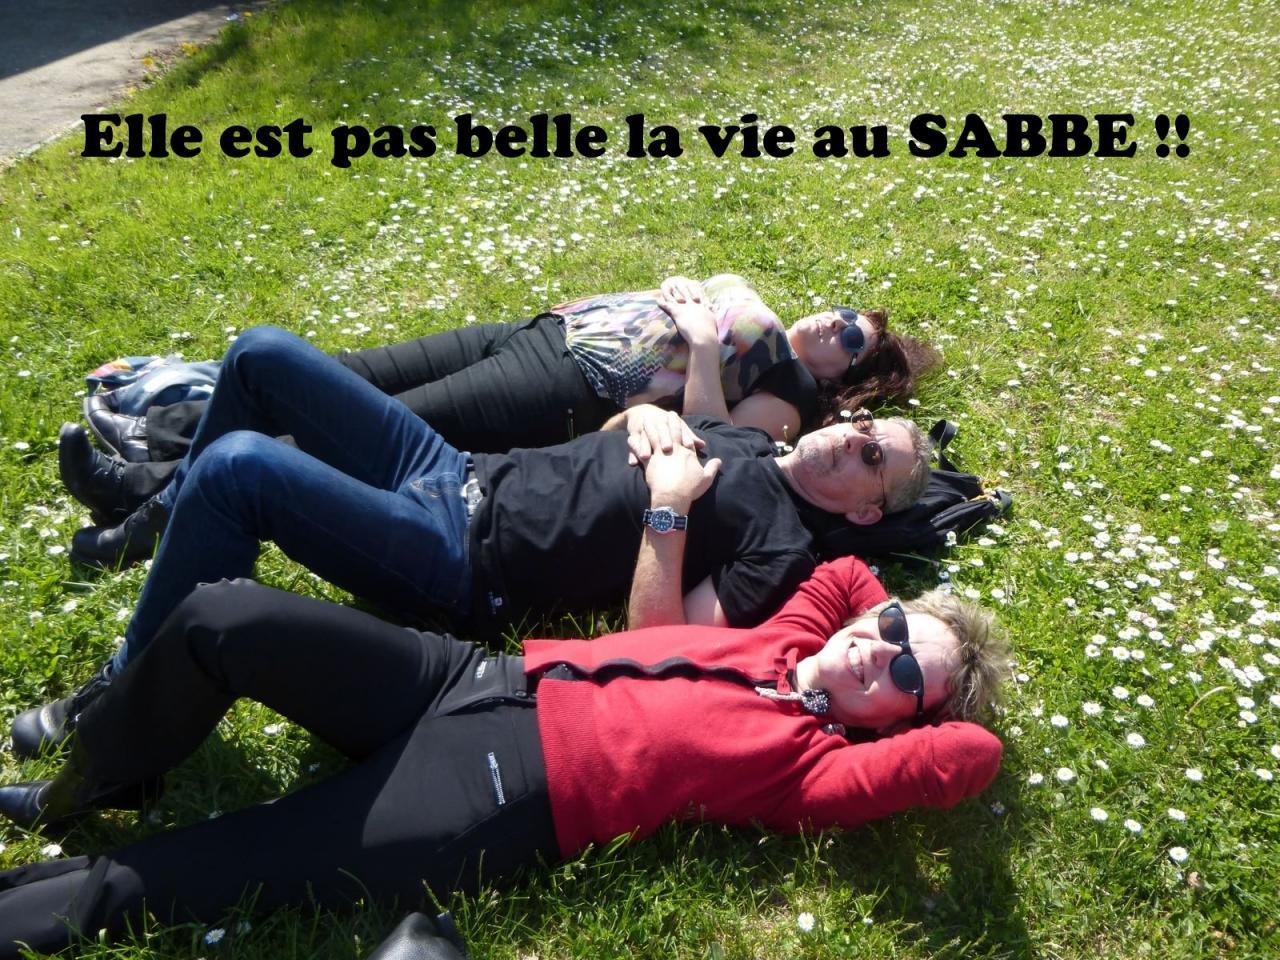 SABBE plongée Fosse Toulouse 2015 (2)